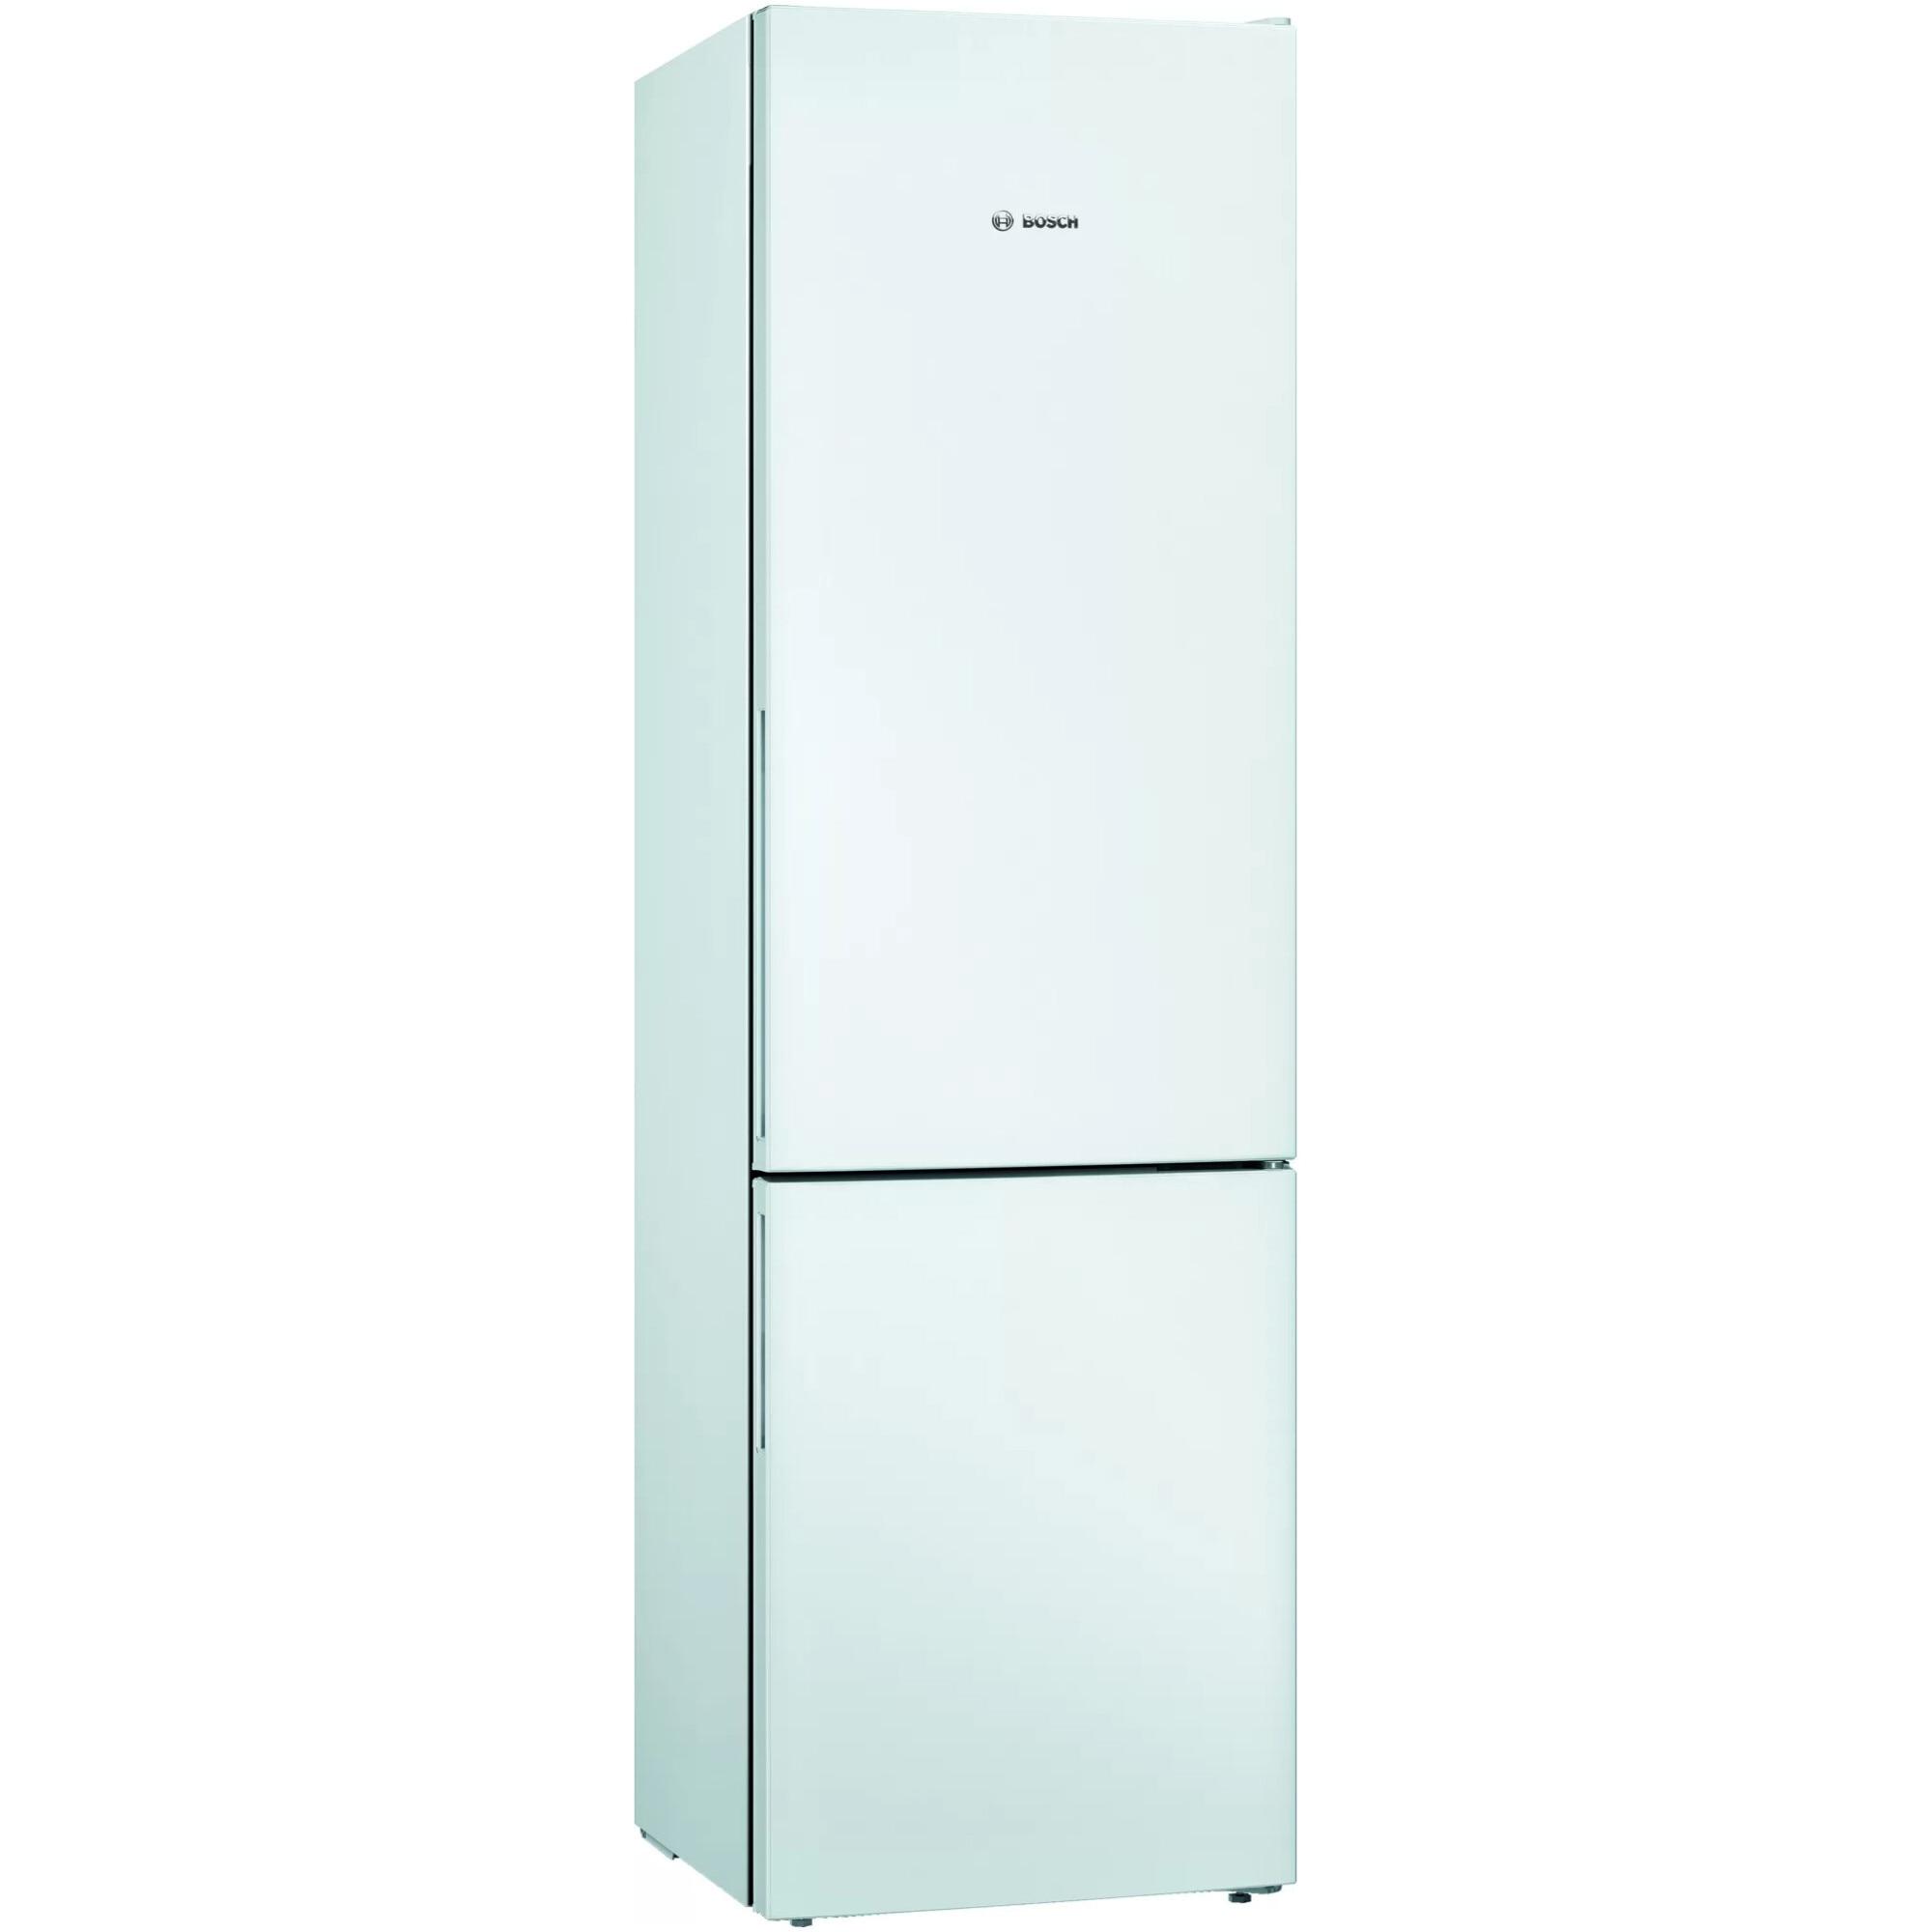 Fotografie Combina frigorifica Bosch KGV39VWEA, 343 l, Clasa E, Low Frost, VitaFresh, H 201 cm, Alb